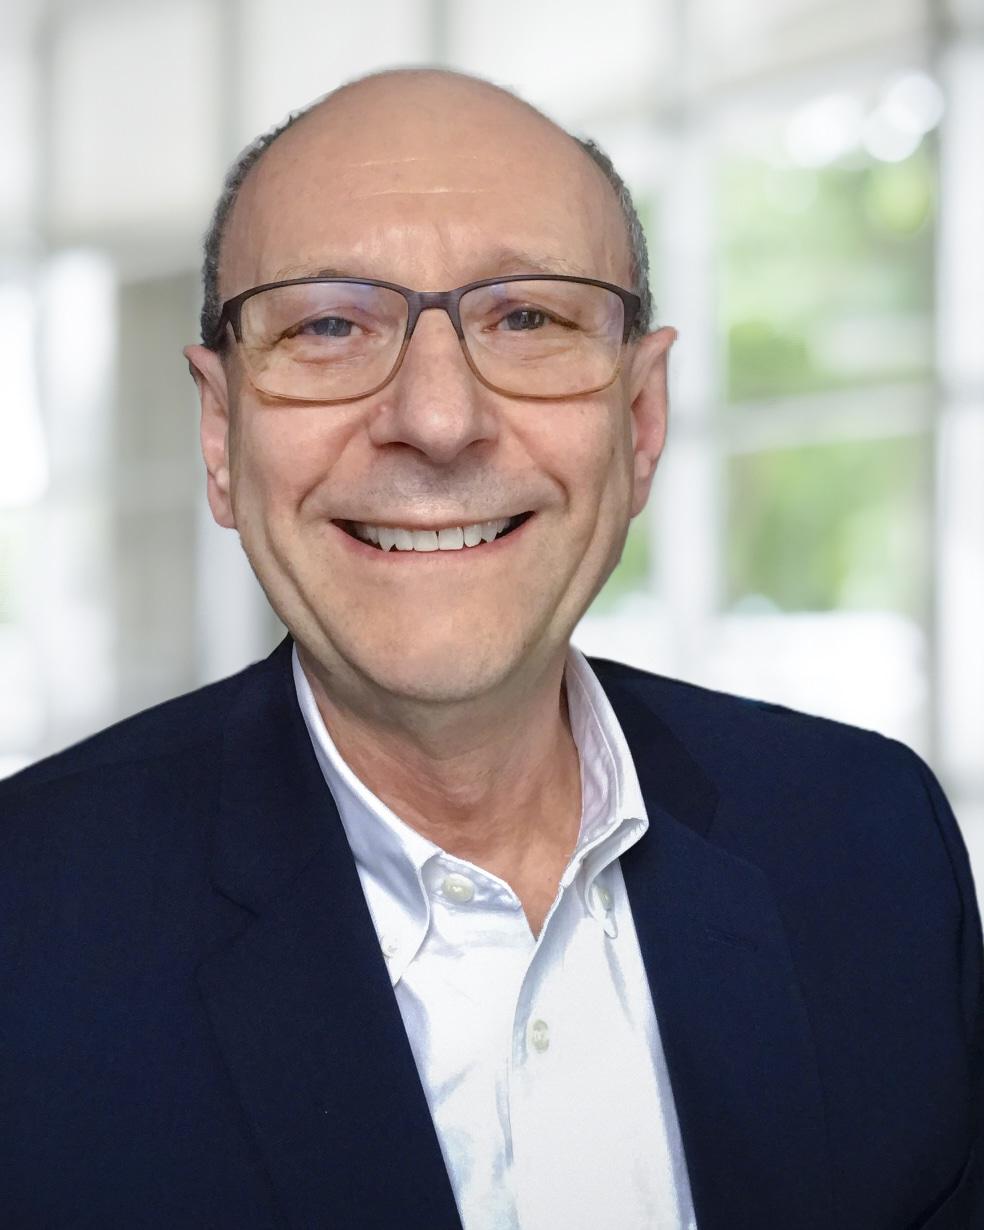 Simon Segall